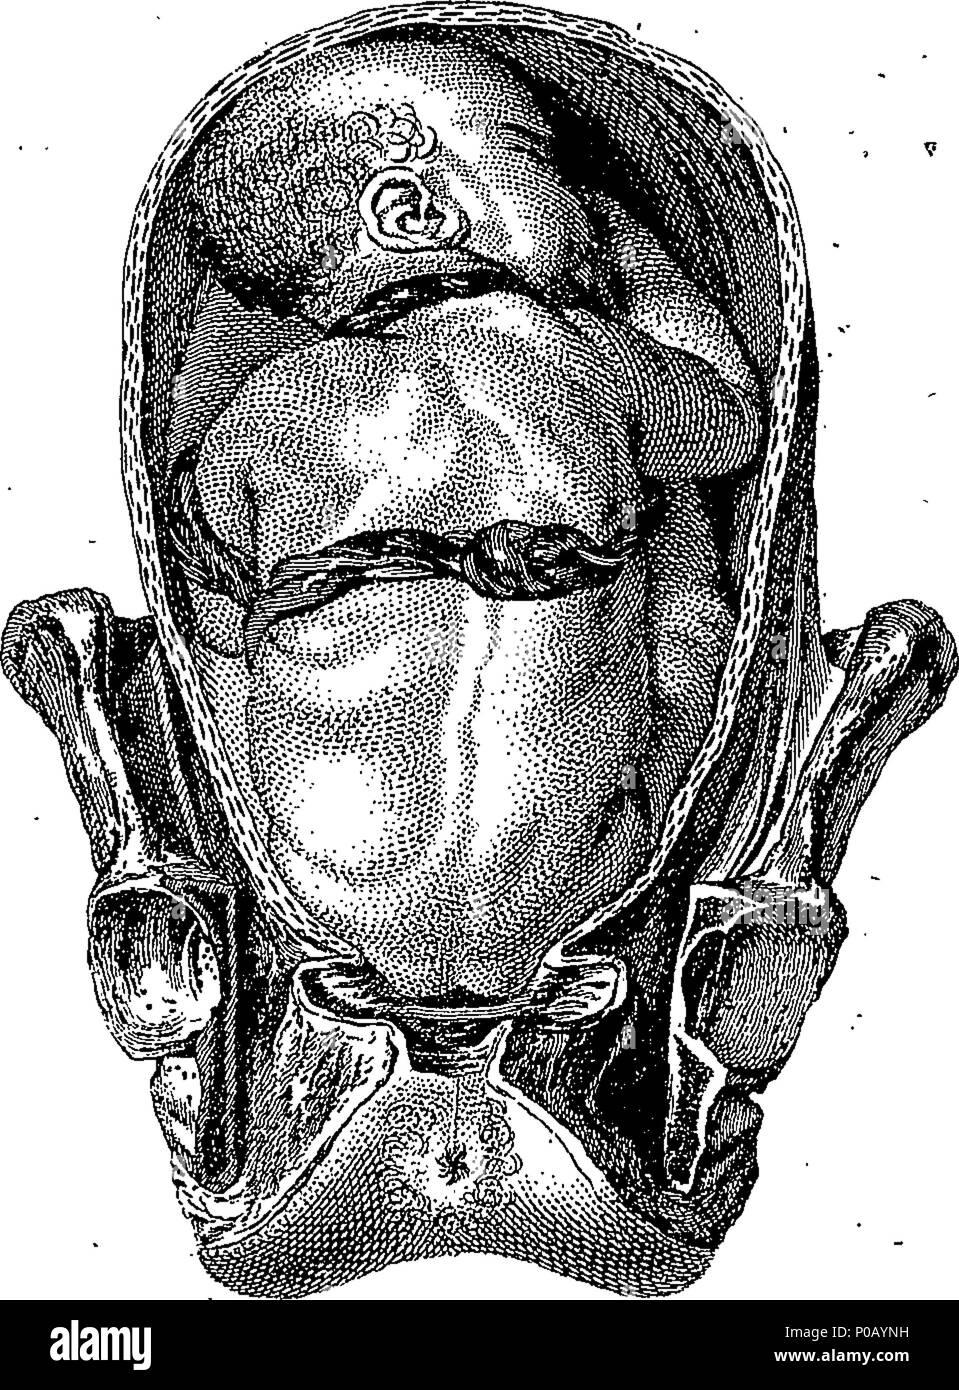 Ungewöhnlich Anatomie Und Physiologie Beschreibung Ideen ...